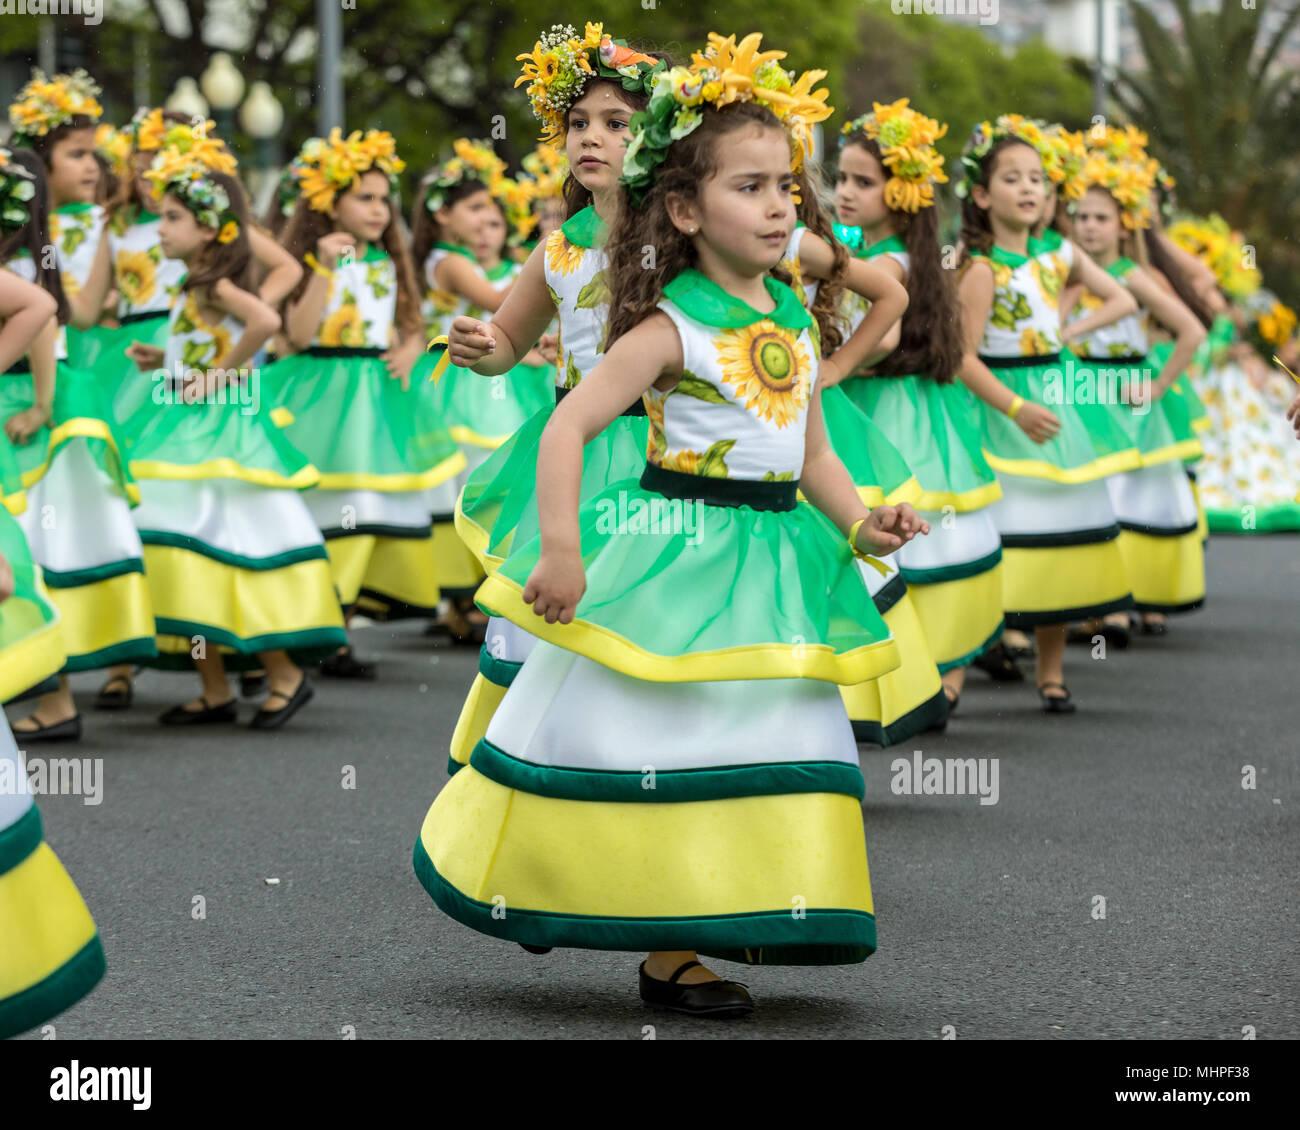 Funchal, Madeira, Portugal - April 22; 2018: Eine Gruppe von Mädchen in bunten Kleidern tanzen bei Madeira Blumenfest Parade in Funchal auf der Isla Stockbild